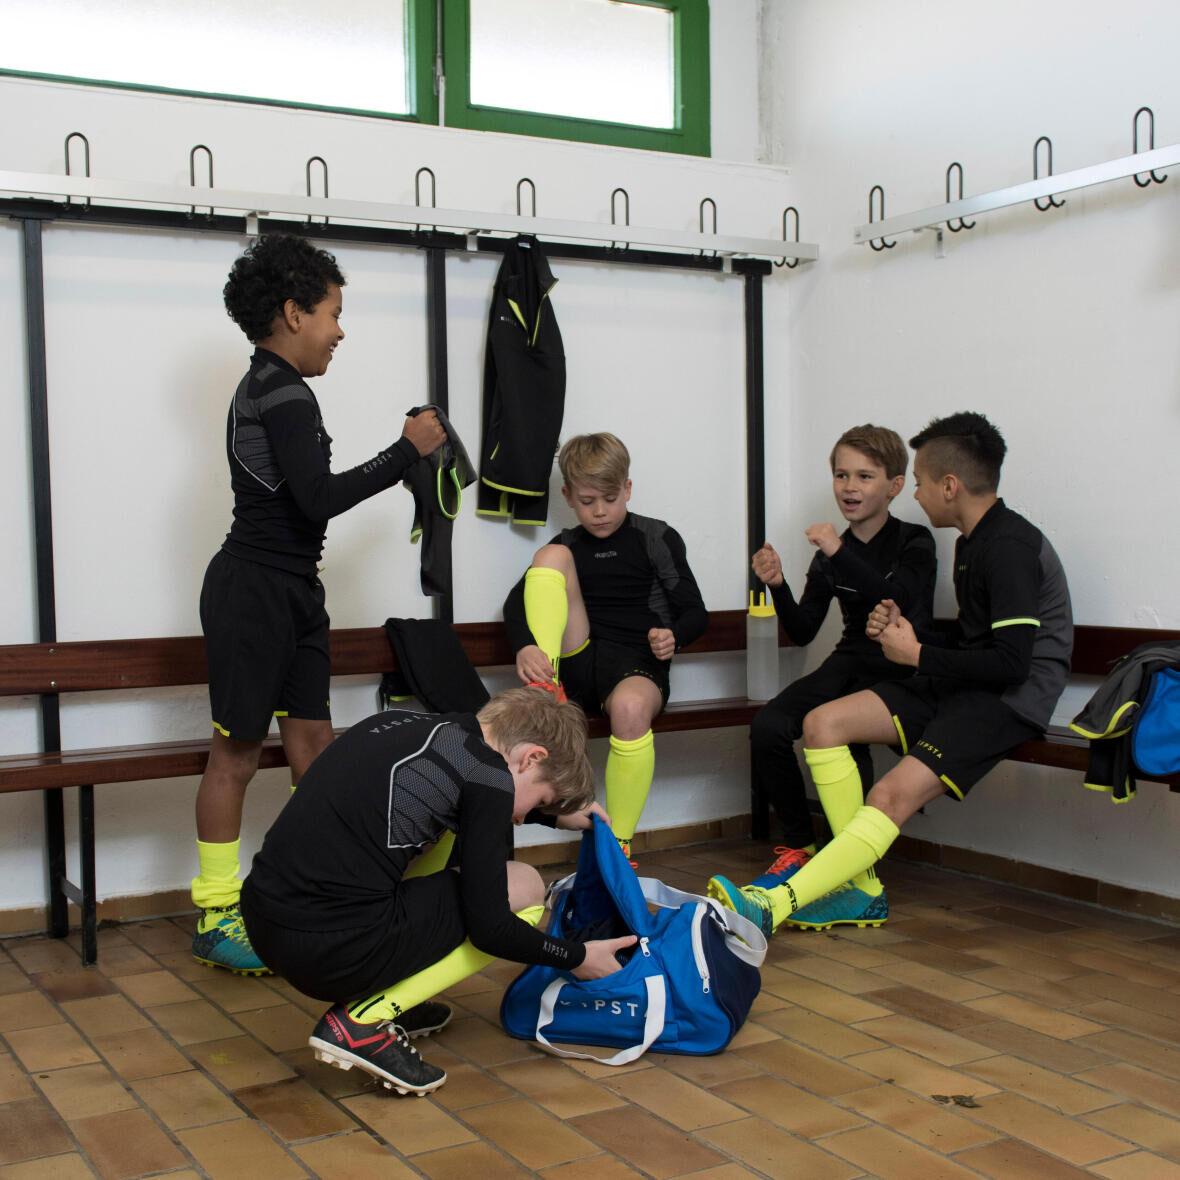 team sports kids